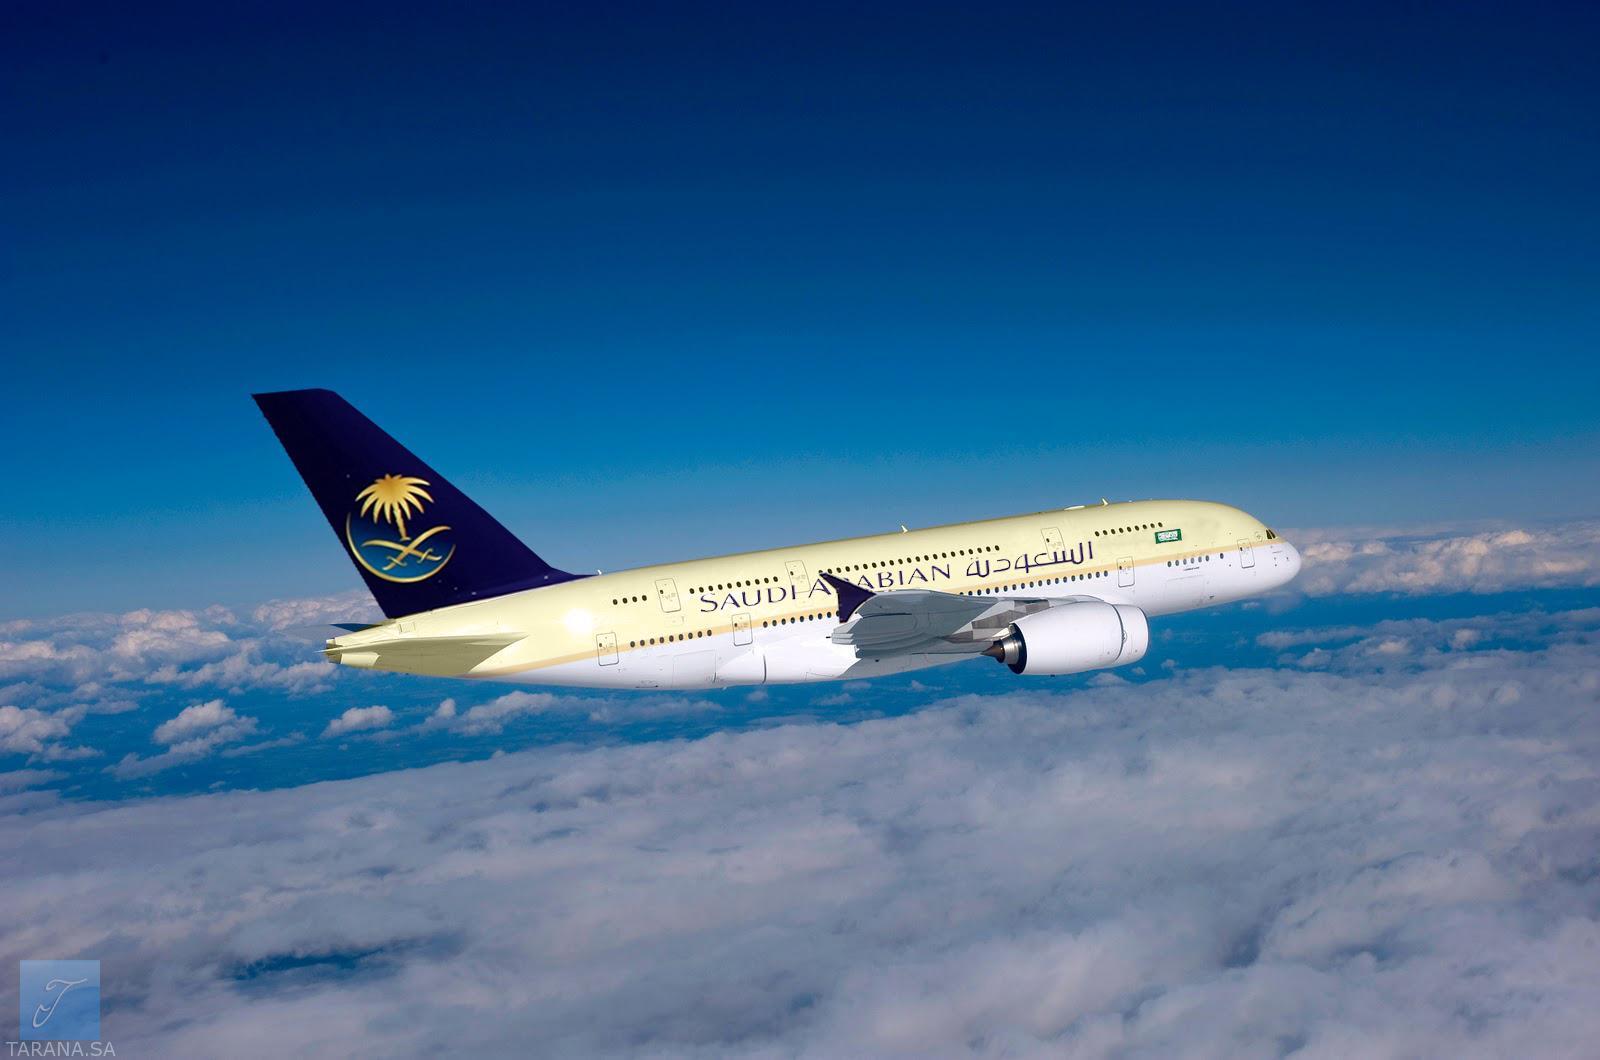 188 ألف راكب في 1570 رحلة كل ساعة بالمملكة.. وتركيا تتصدر » صحيفة ...